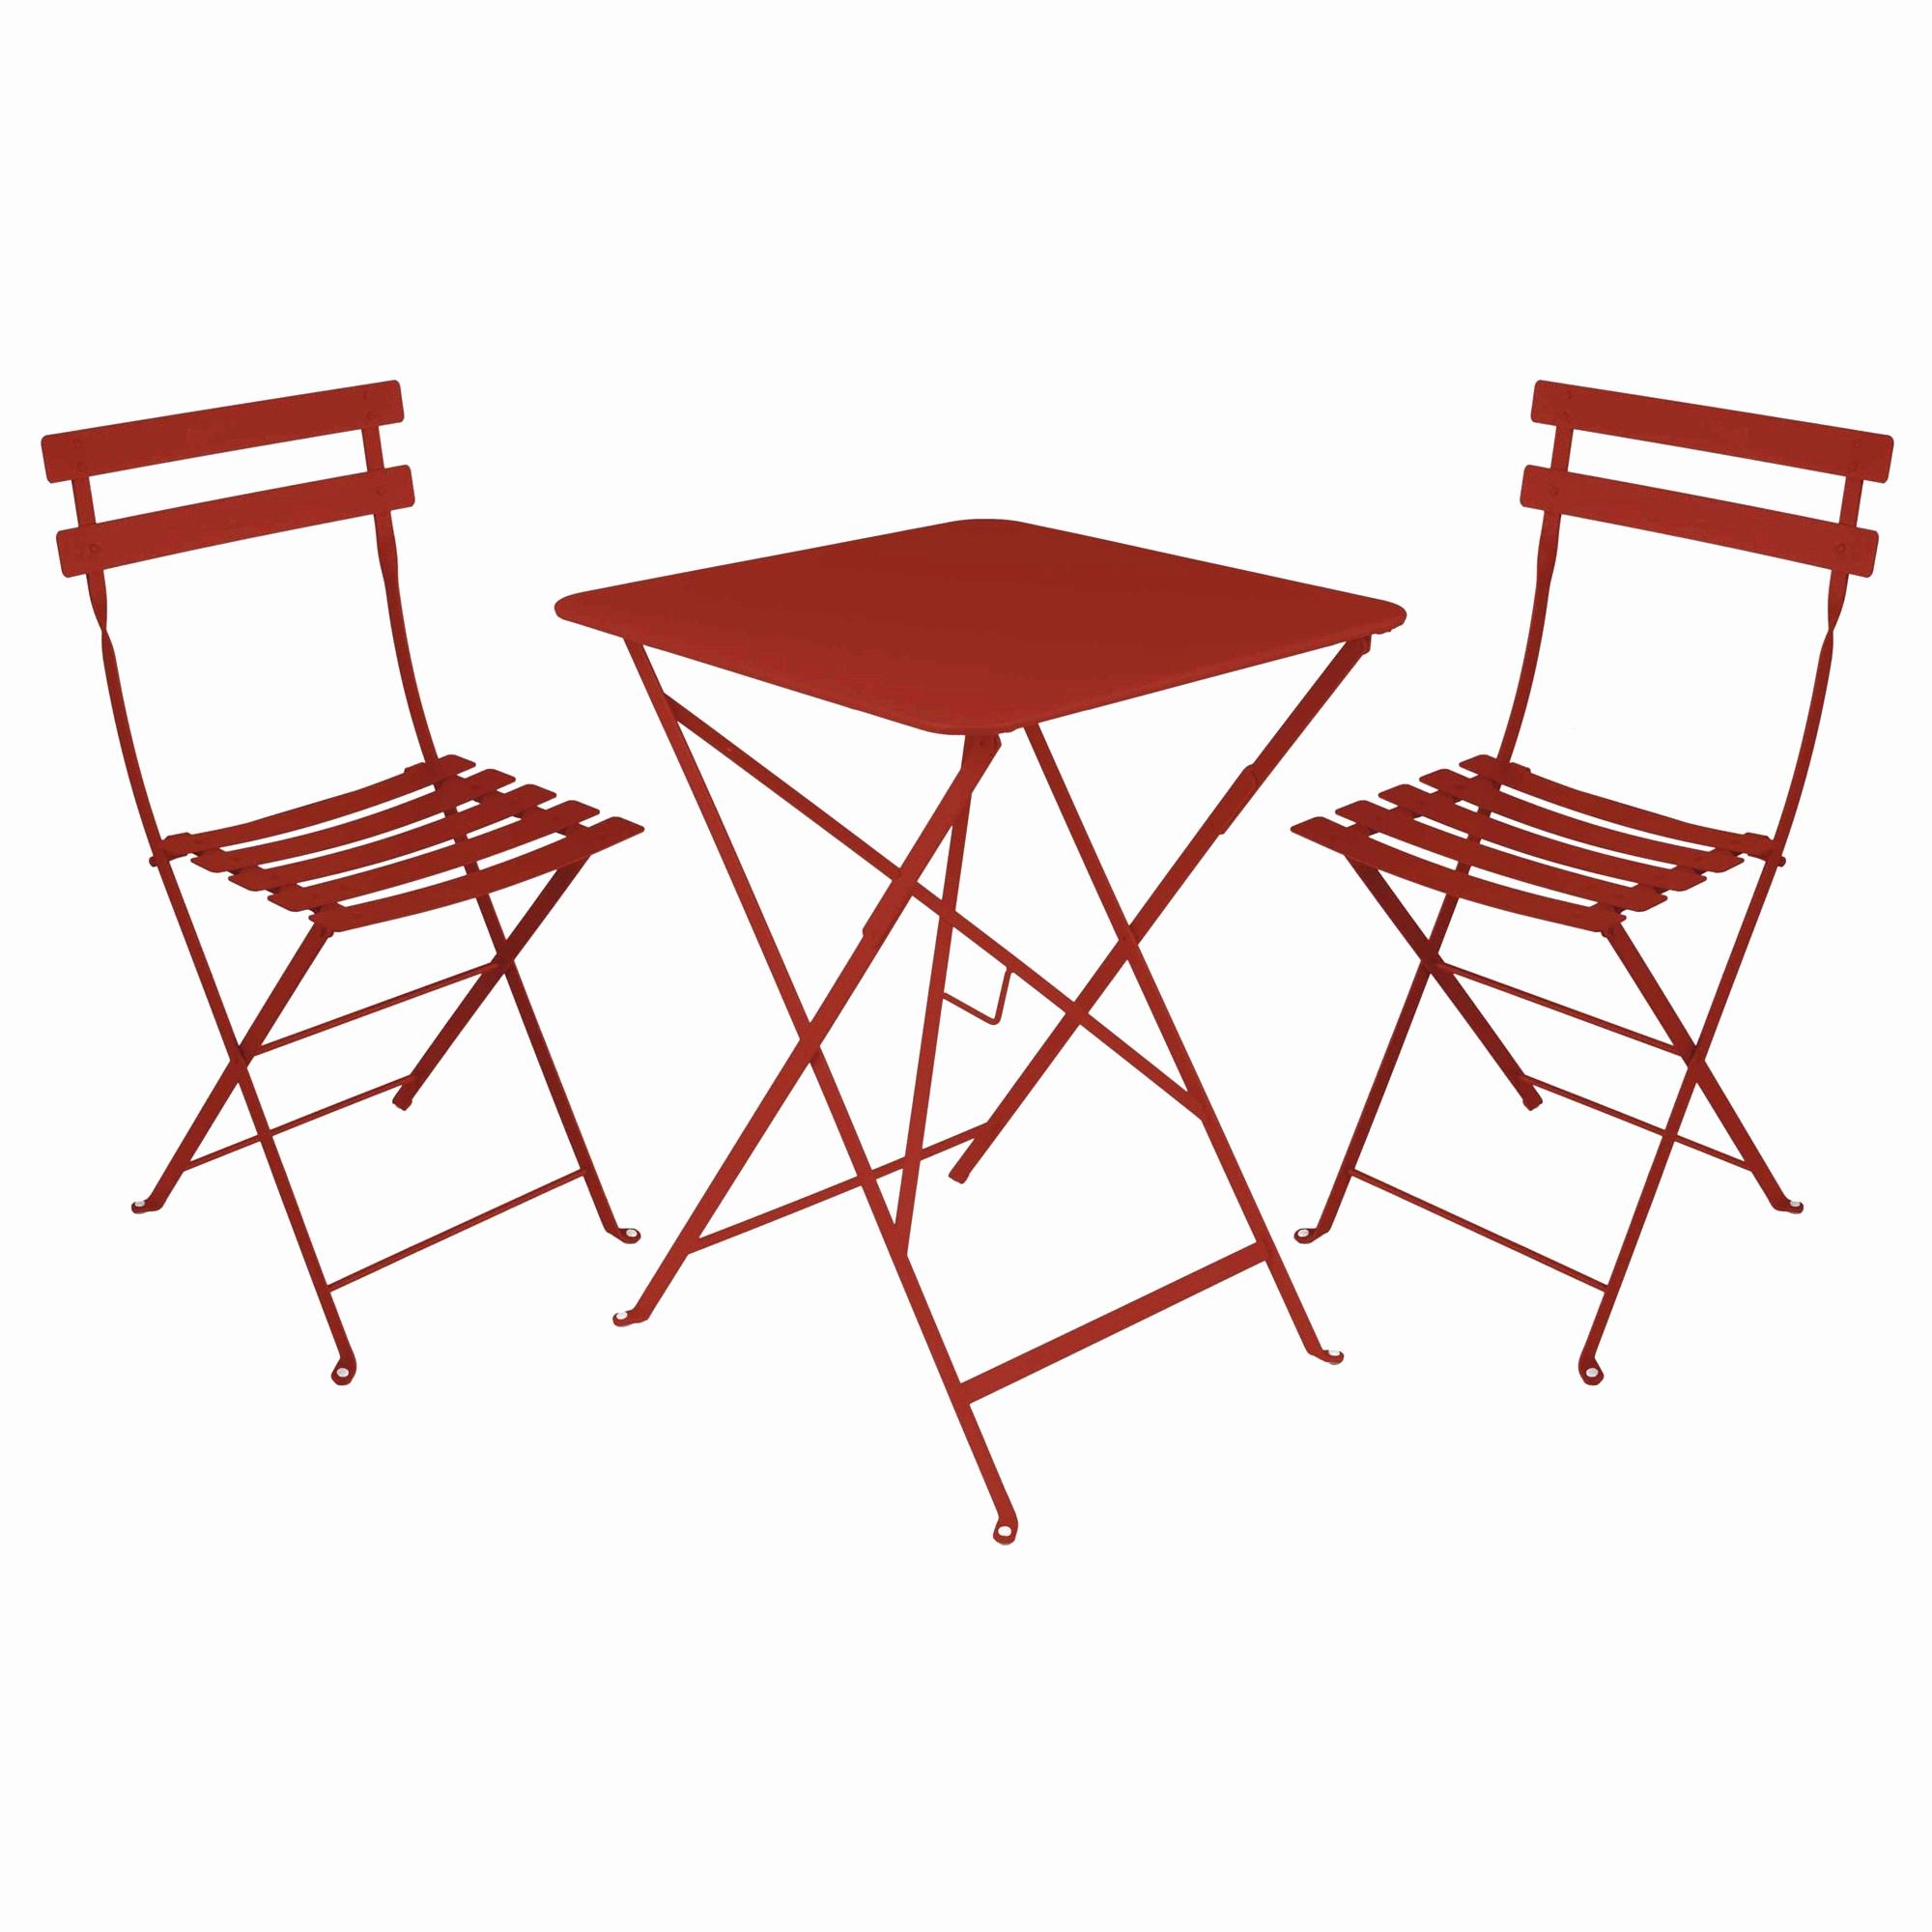 Table De Jardin Carrelee Frais Salon Jardin Pas Cher serapportantà Table De Jardin Pas Cher Leclerc